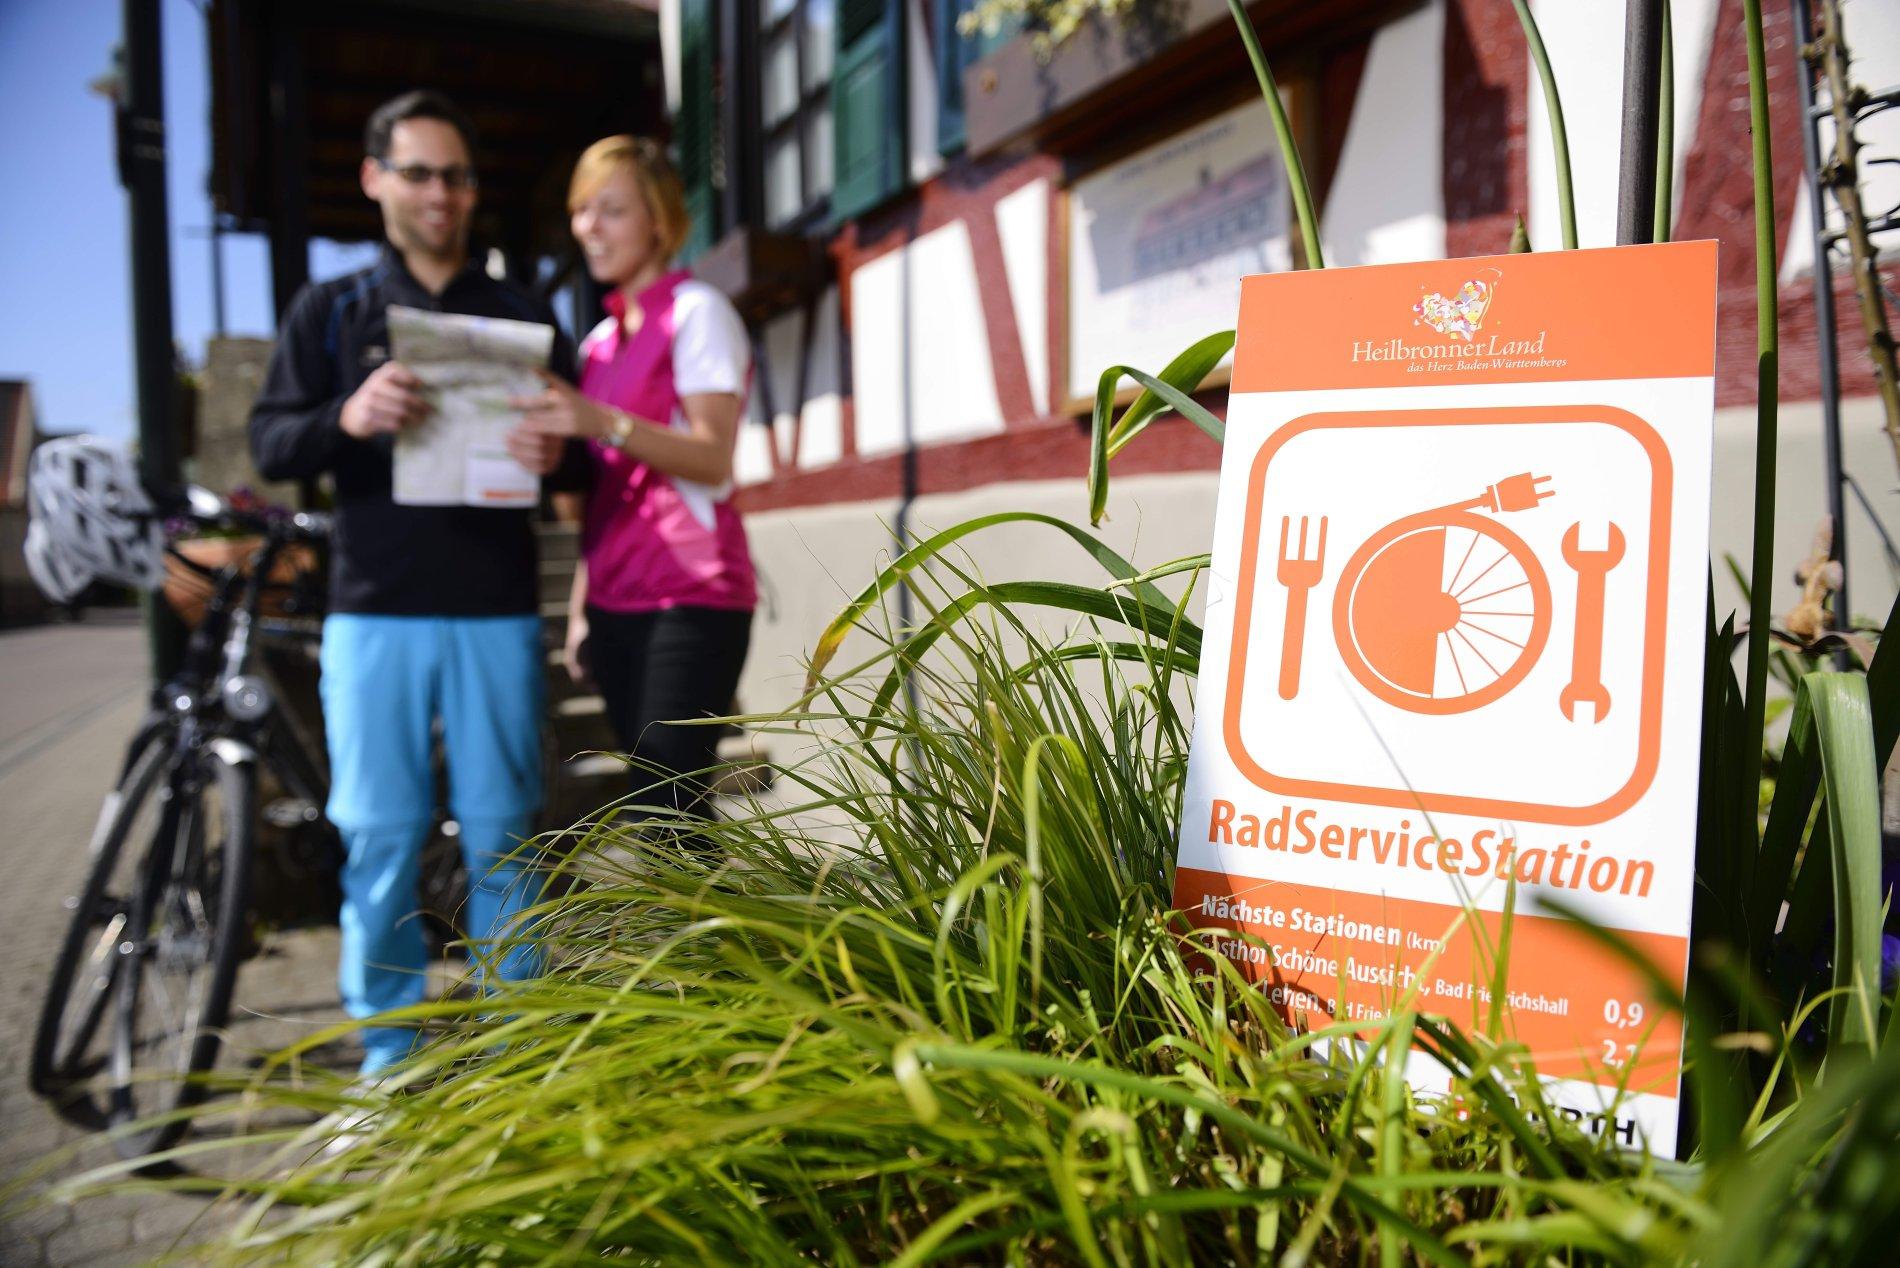 Metzgerei und Gasthof Zum Bären (RadServiceStation)   Möckmühl   HeilbronnerLand